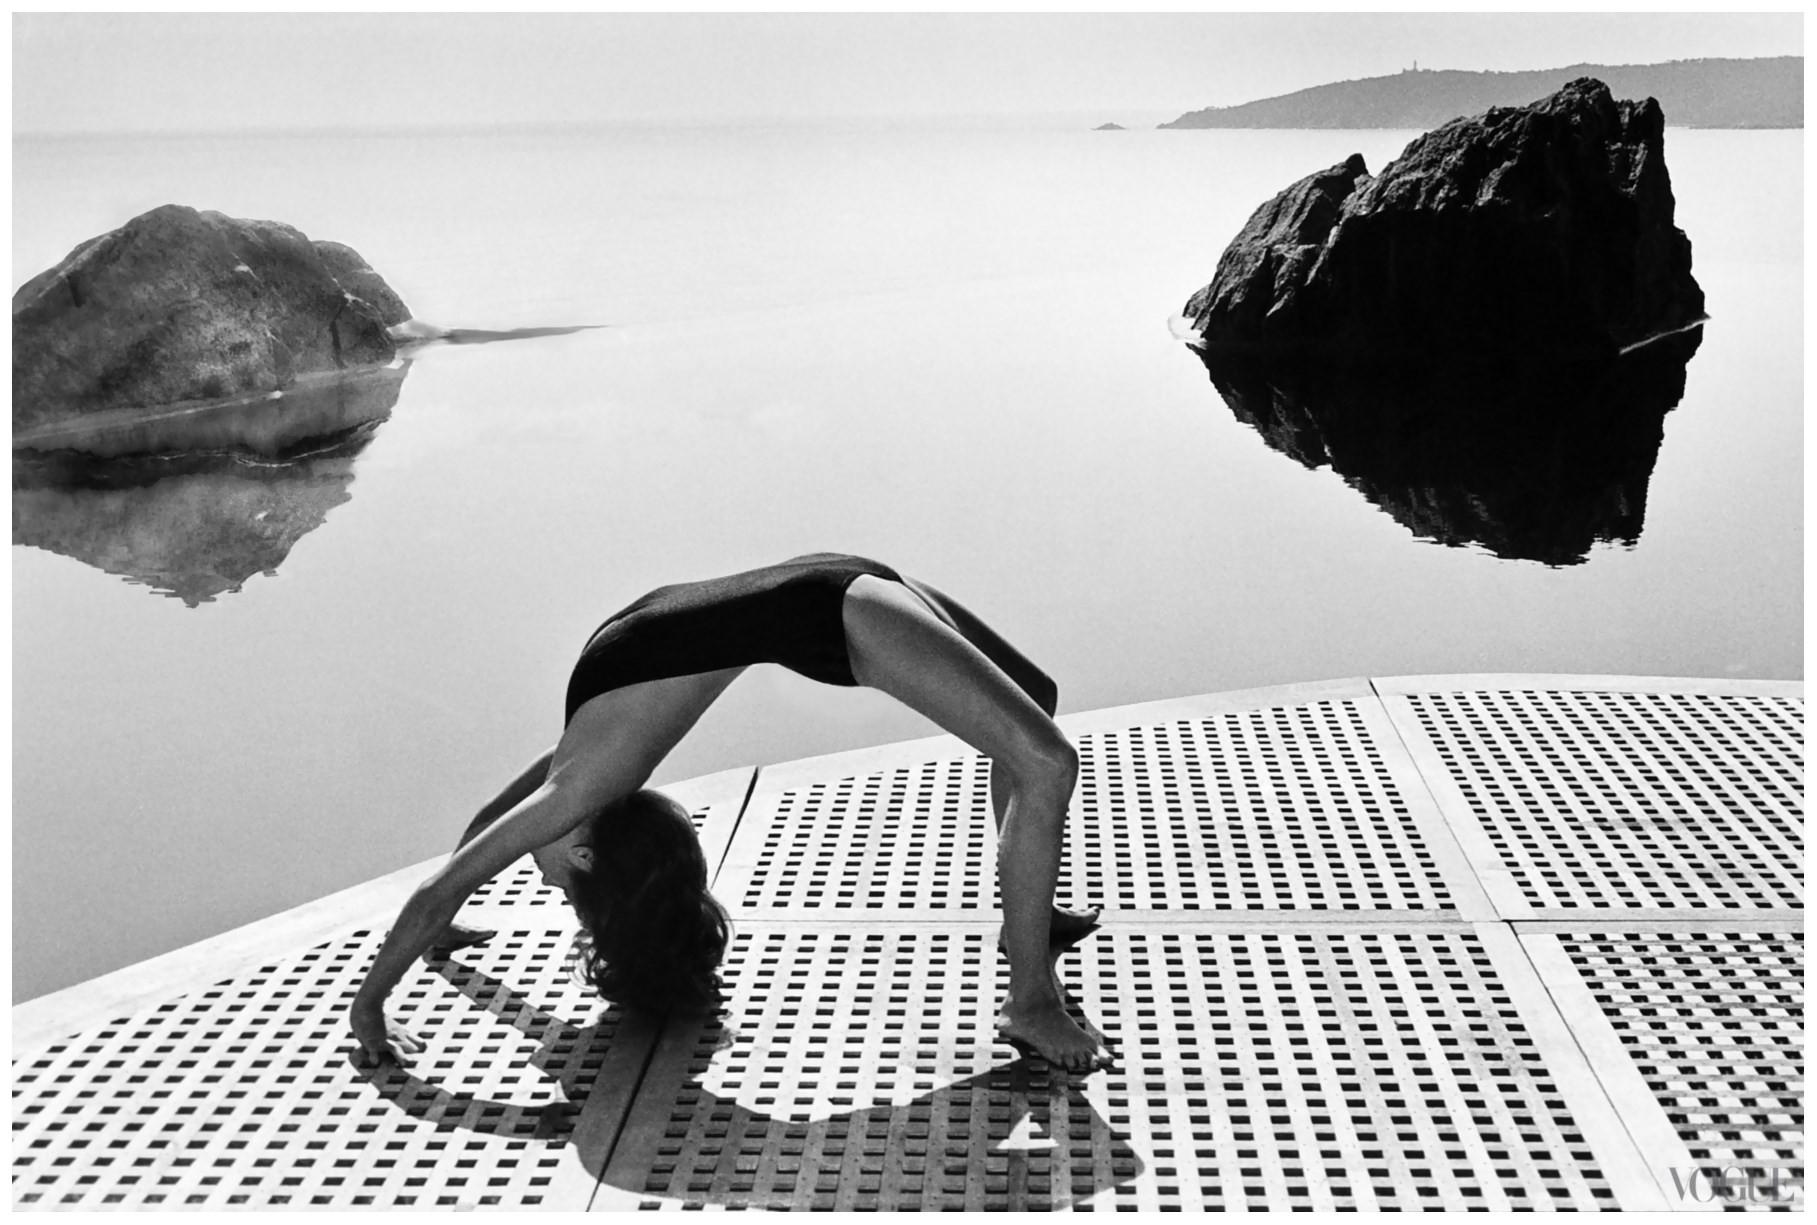 Шарлотта Рэмплинг для Vogue US, 1976. Фотограф Хельмут Ньютон